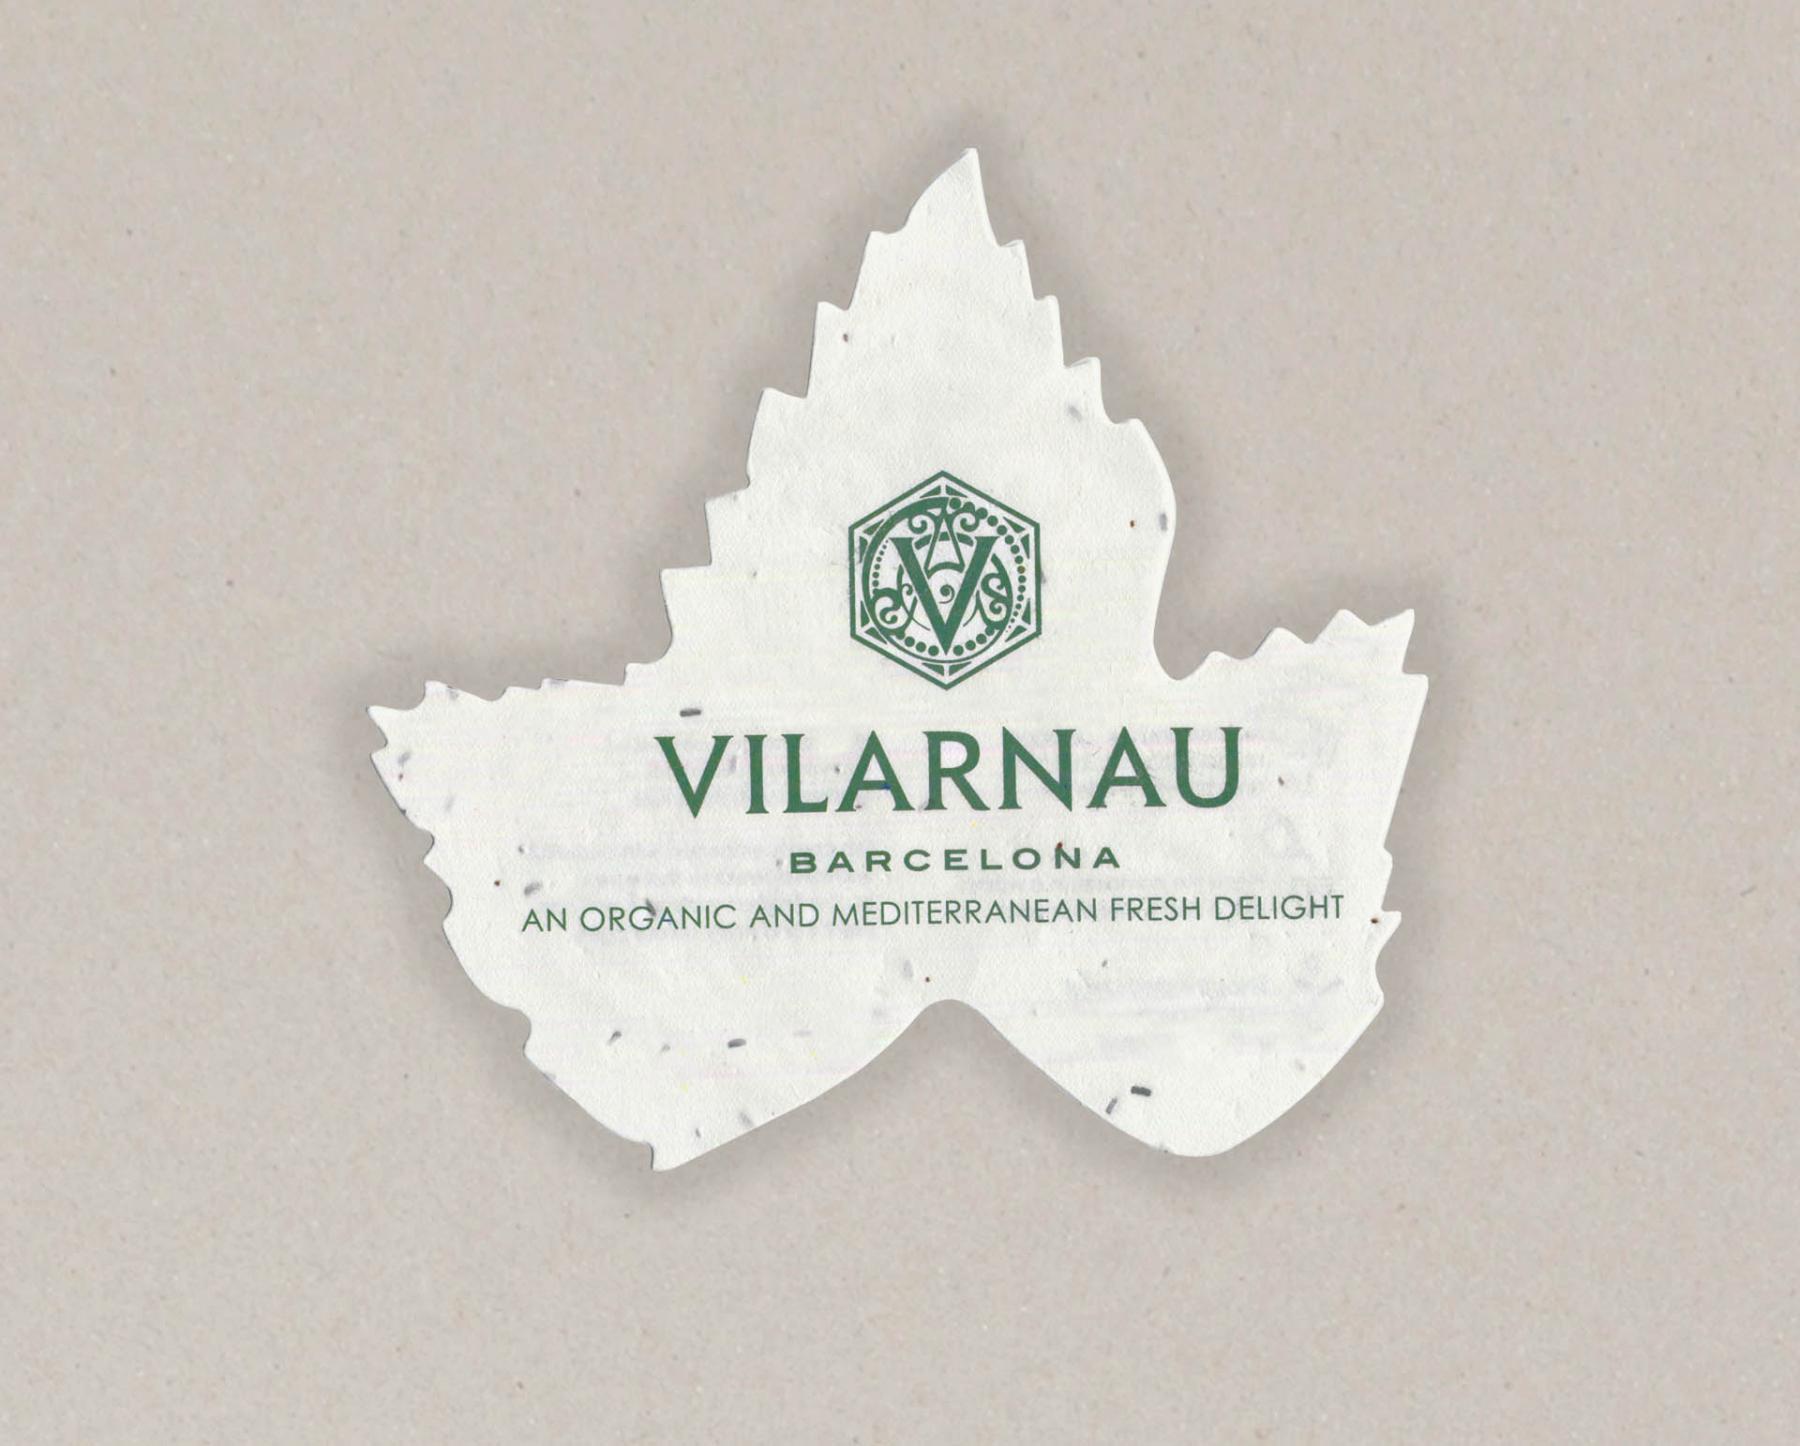 Papel con semillas para Vilarnau - cara A